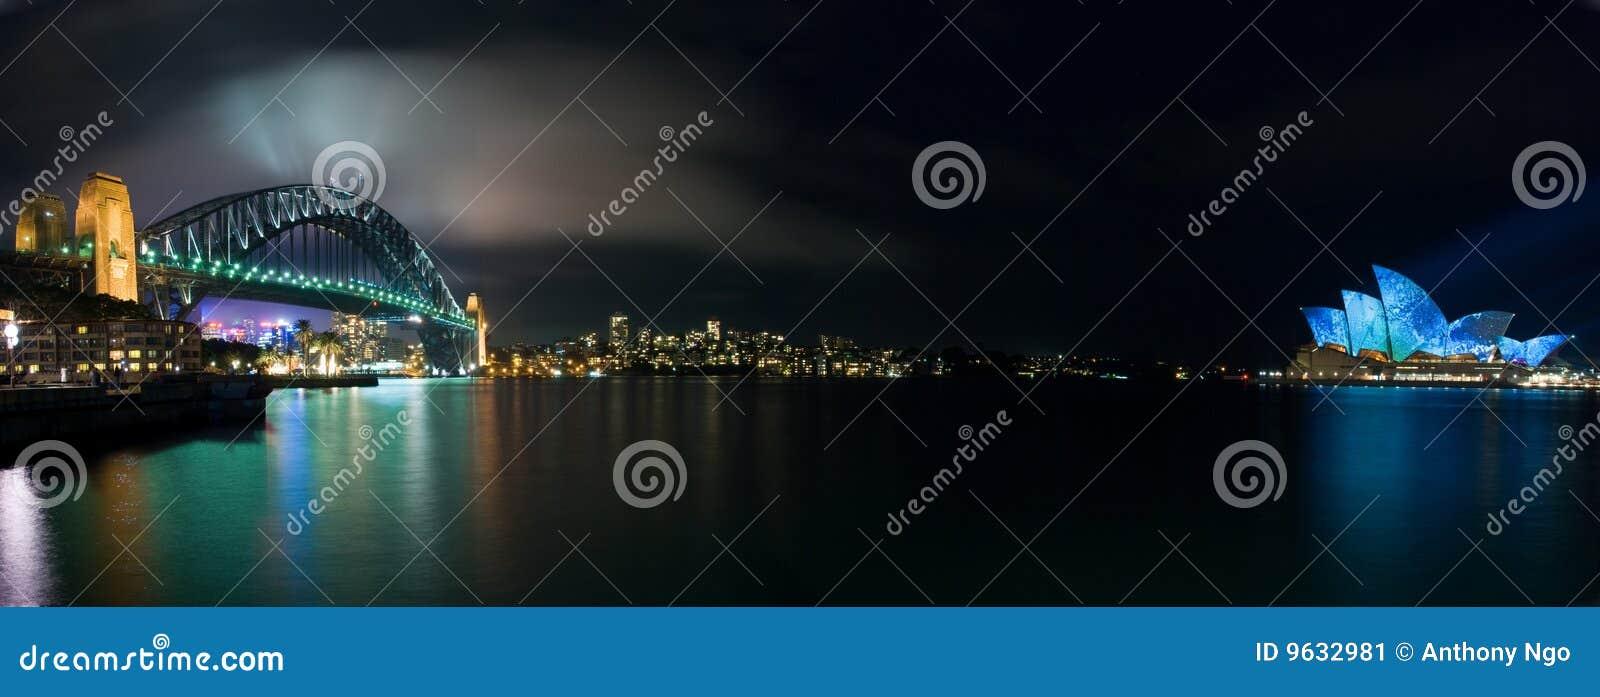 Panorama de iluminación luminoso del teatro de la ópera de Sydney